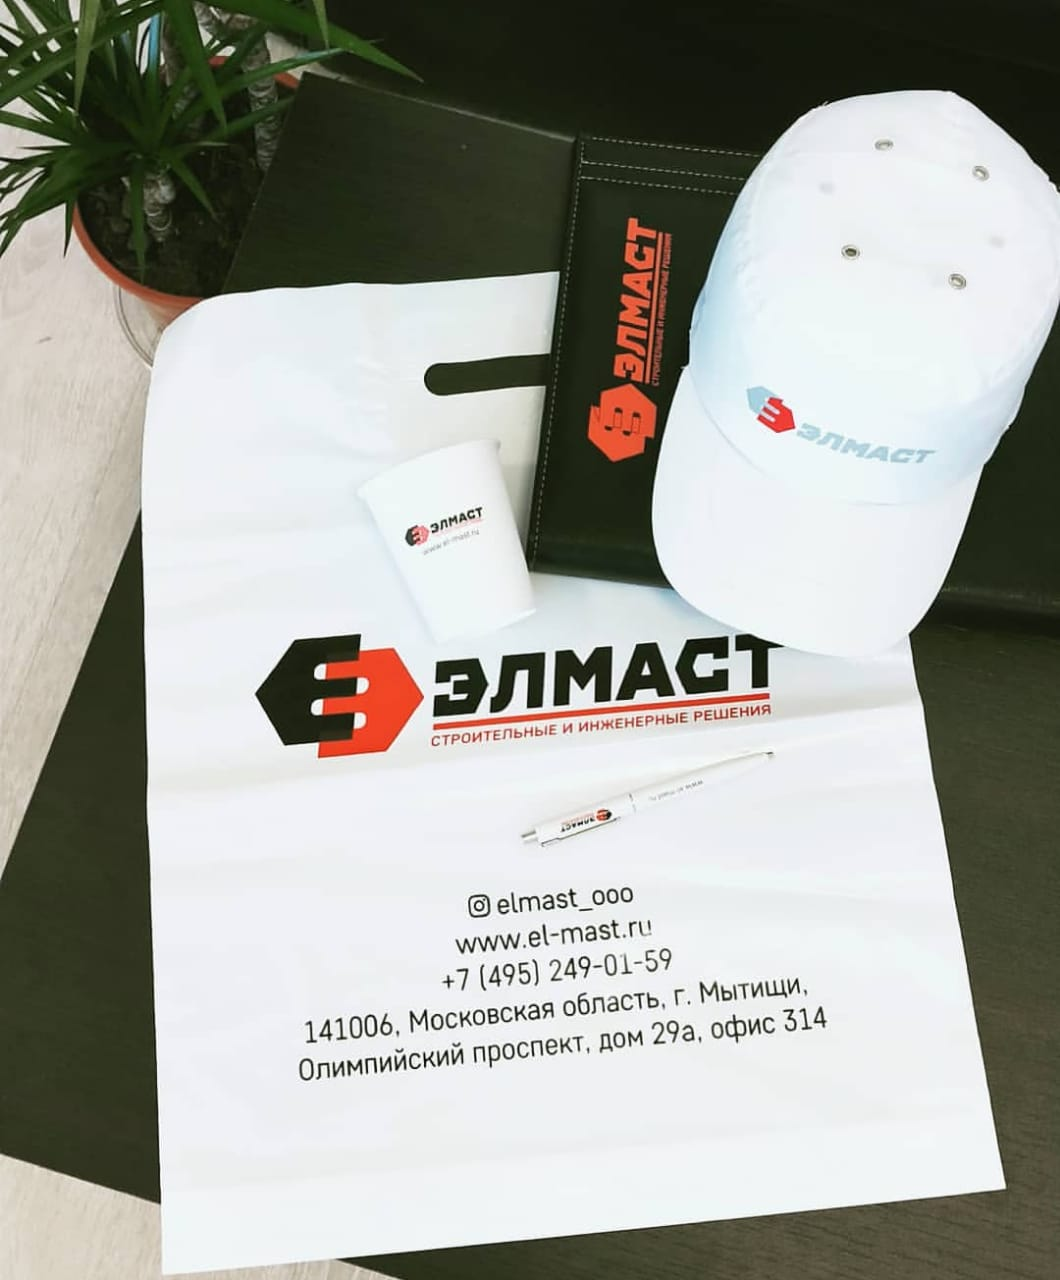 Элмаст - строительные и инженерные решения